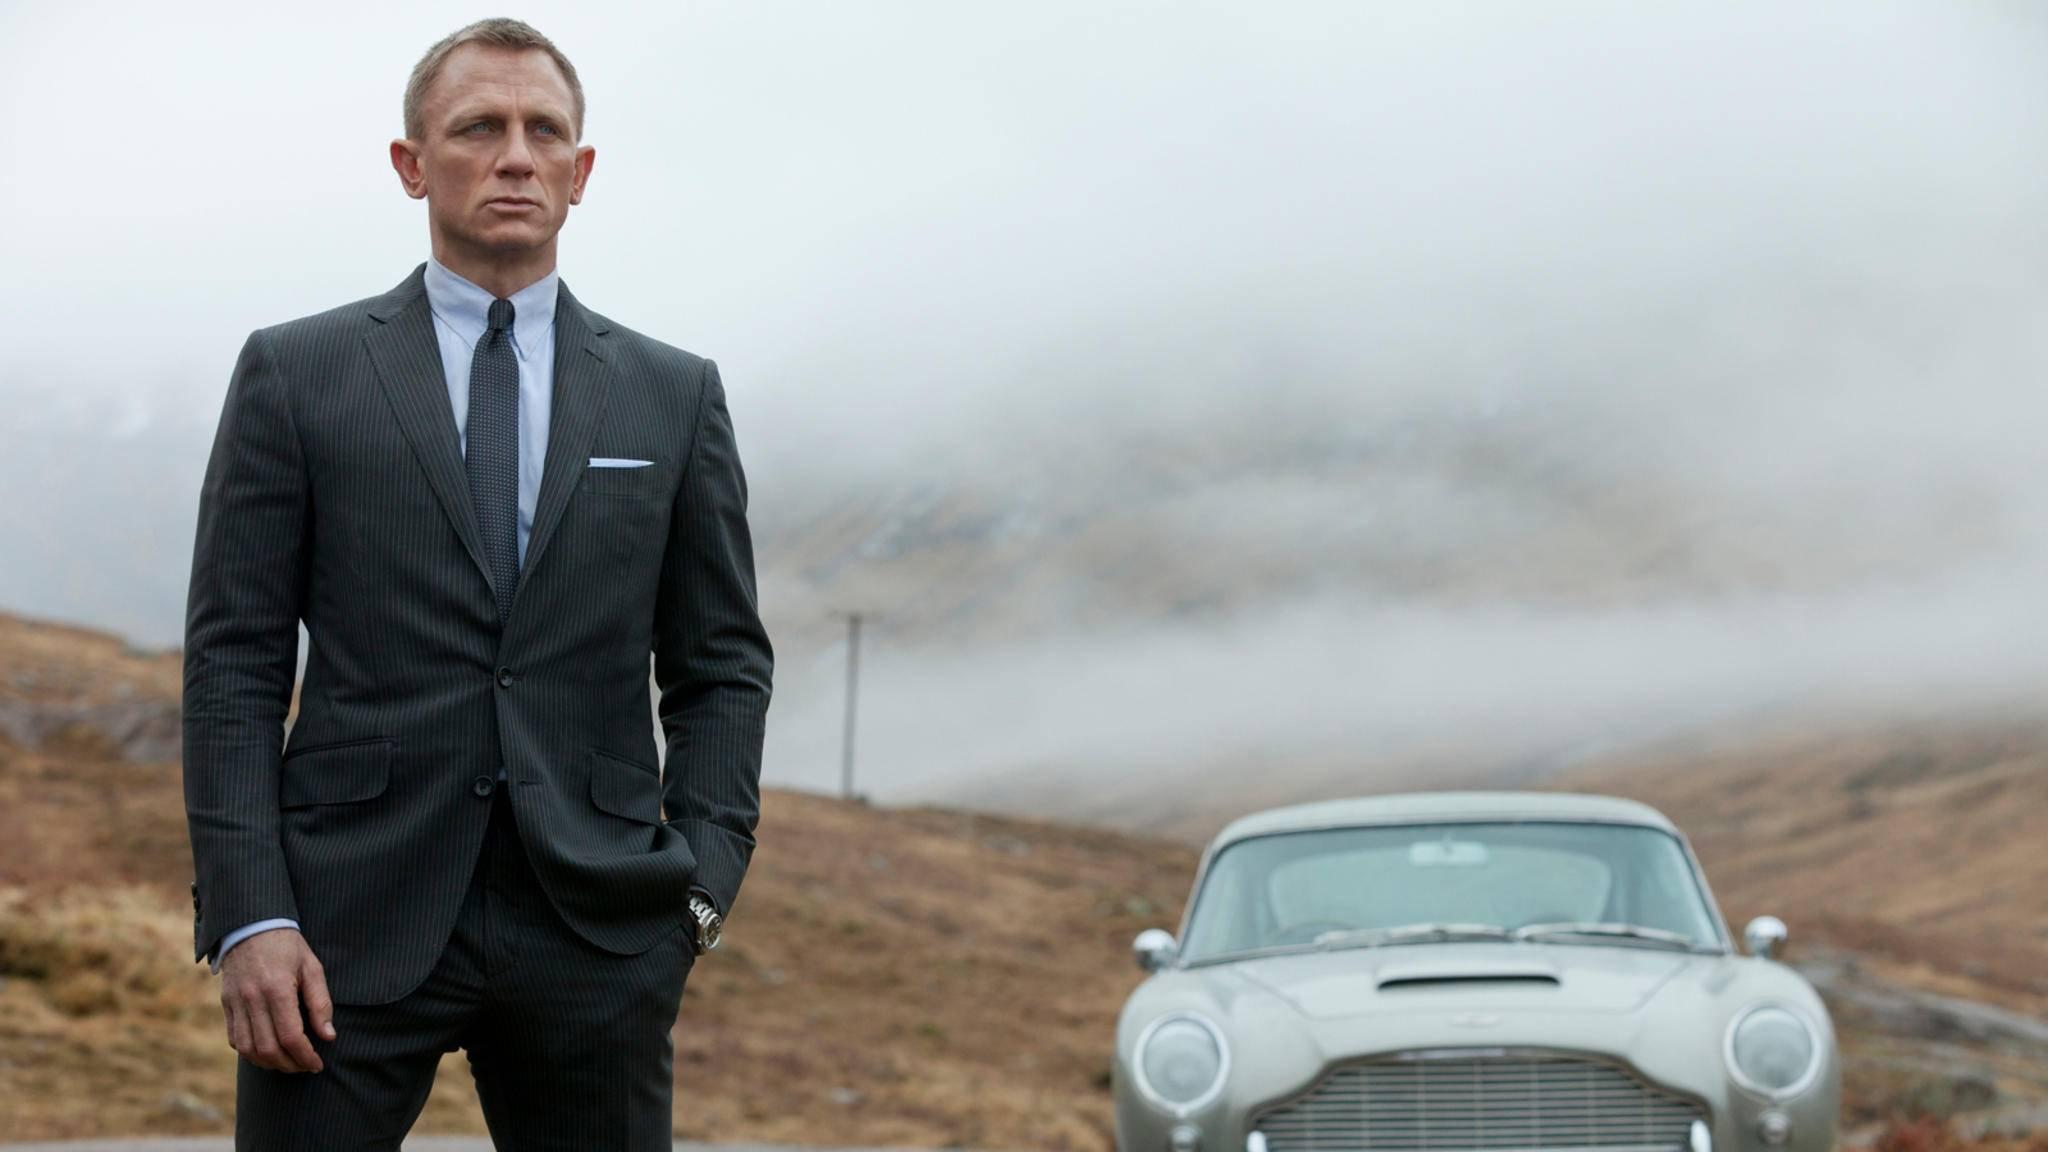 Mit der Lizenz zum stilvollen Auftreten: James Bond wird auch im 25. Teil problemlos im Anzug in Aktion sein.